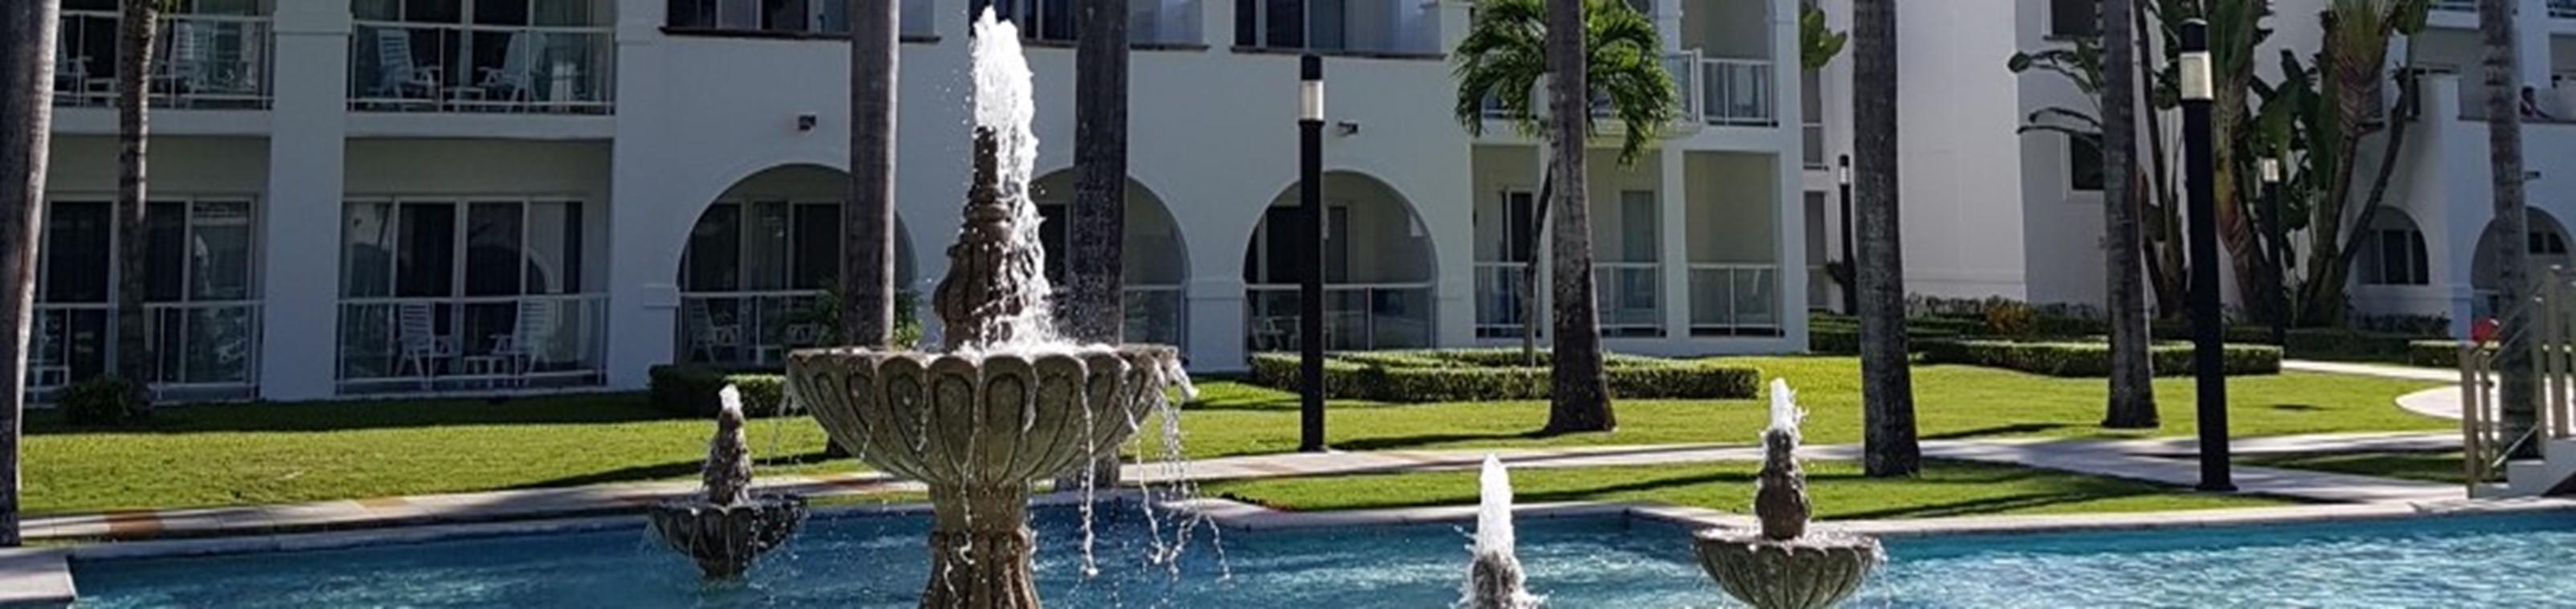 5* Riu Palace Hotel in Playa del Carmen (Cancun)